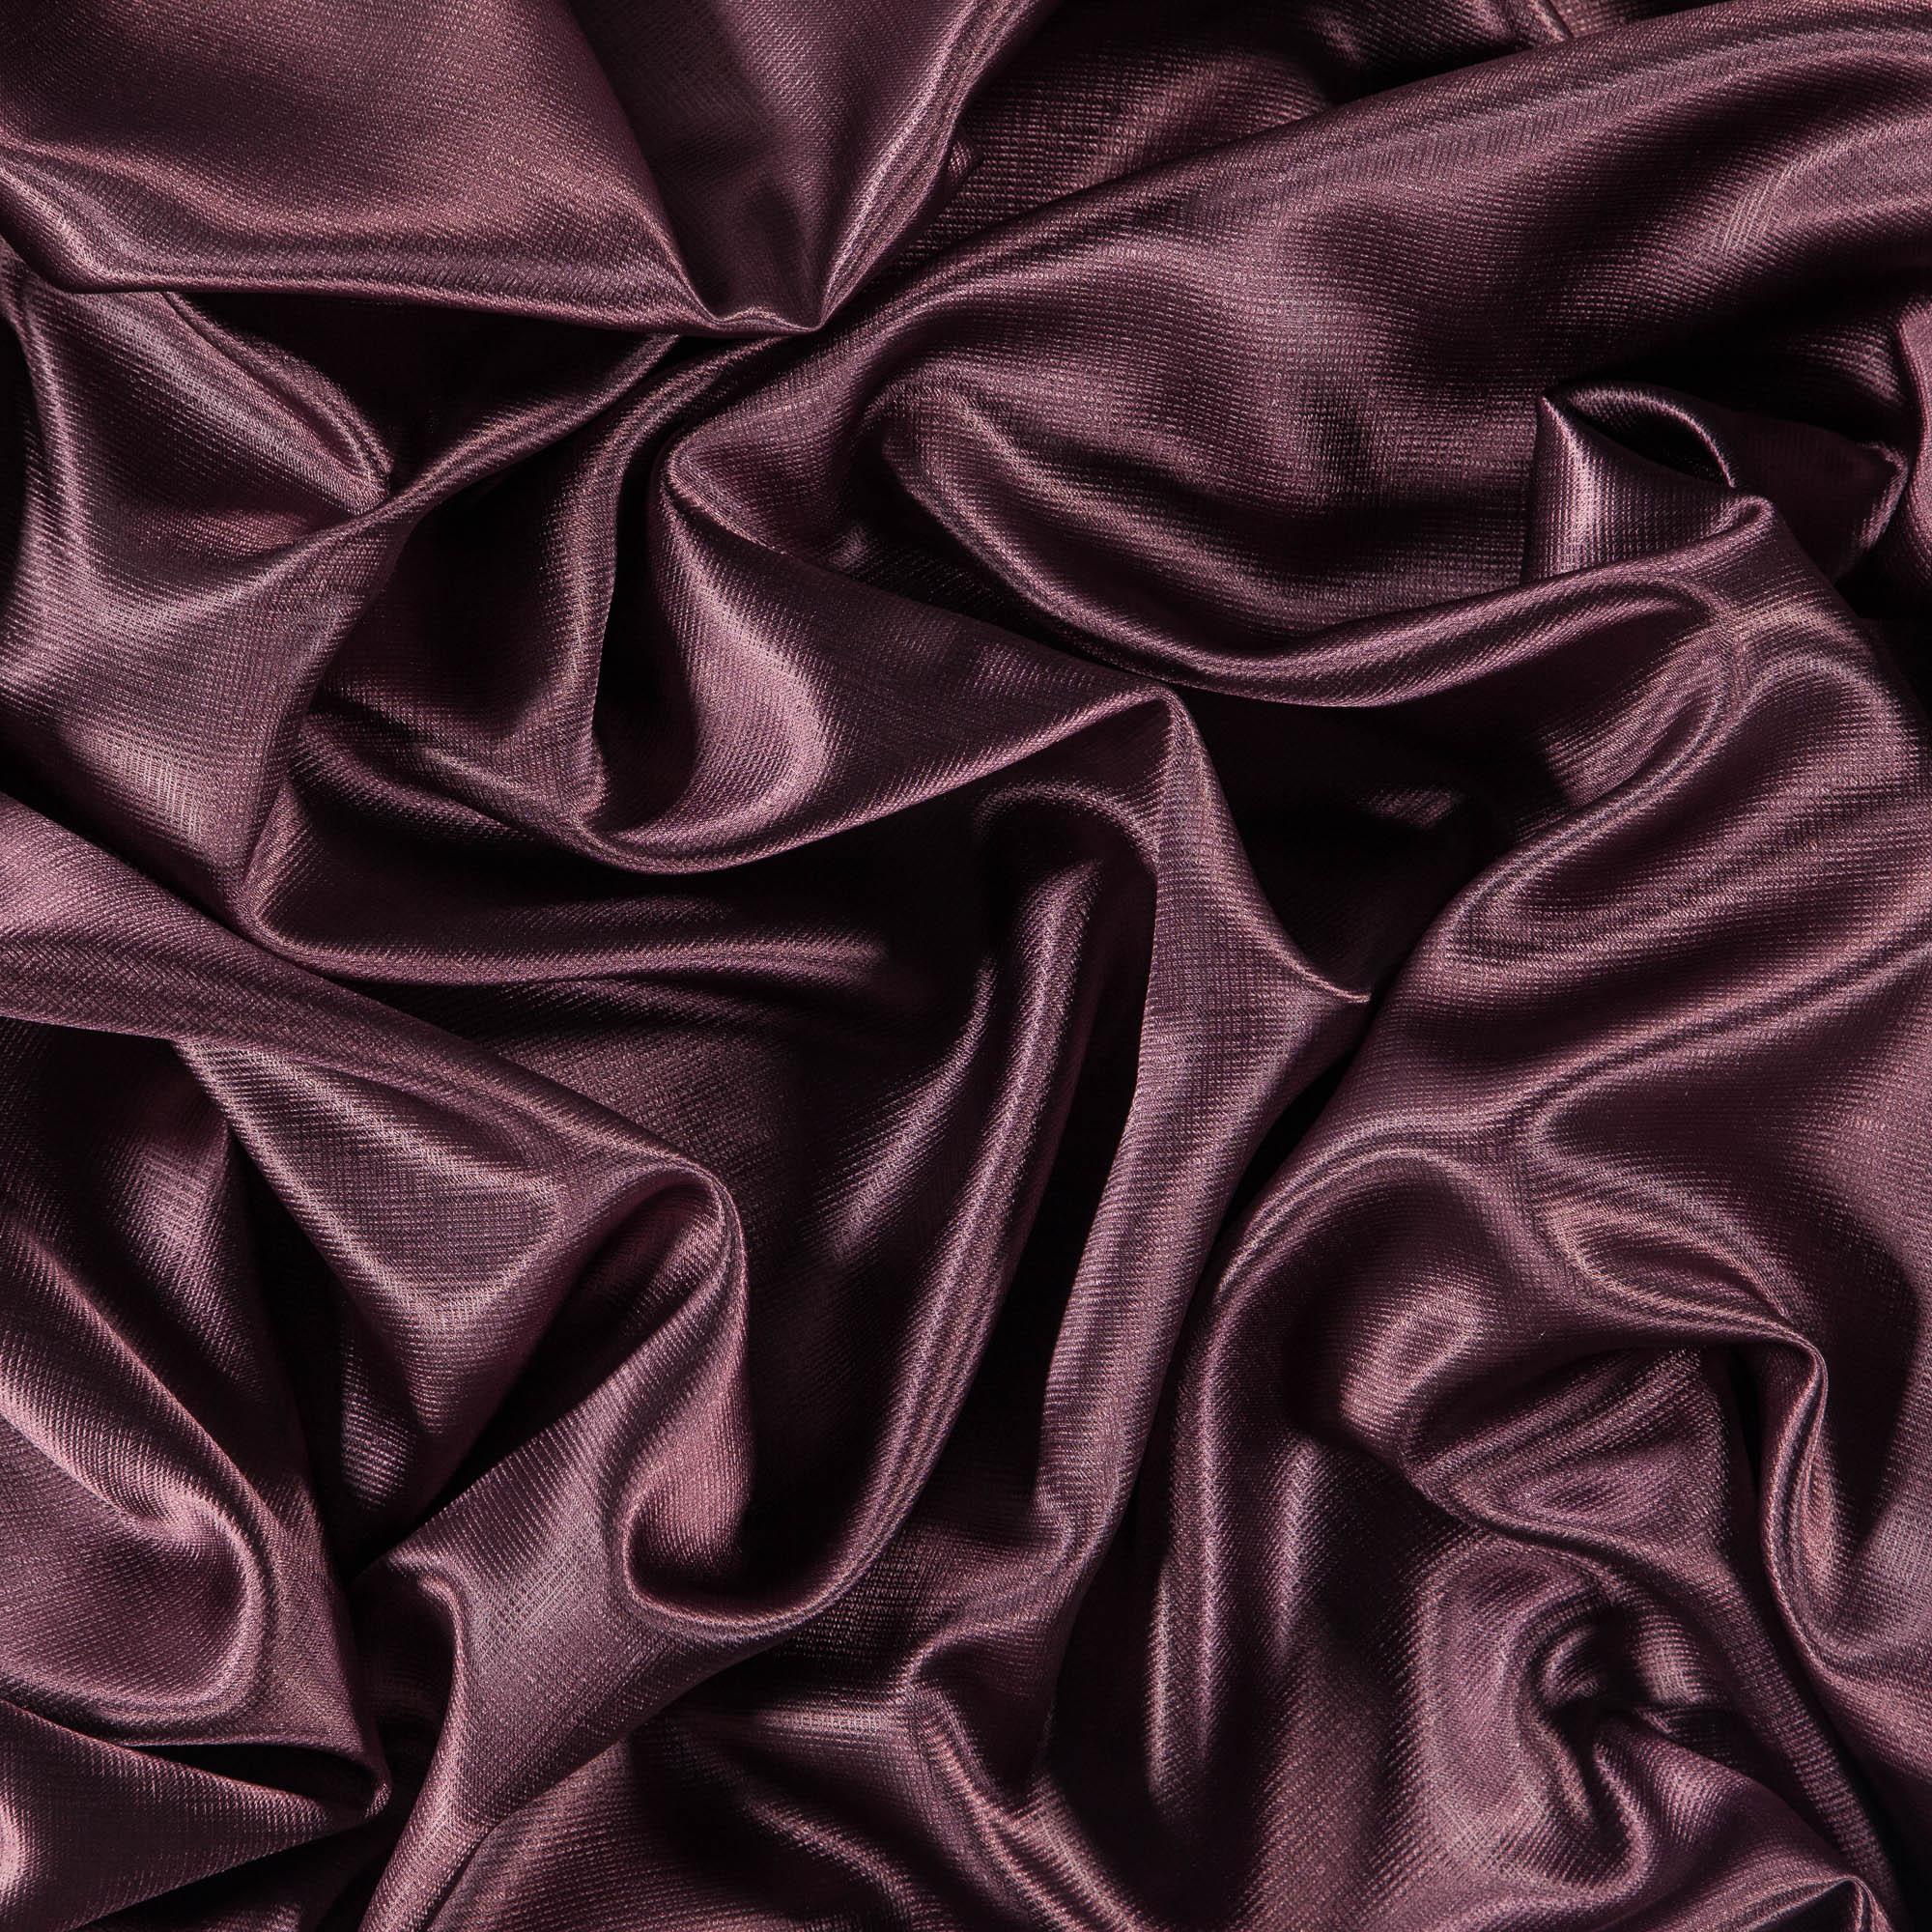 Gioia Design from the Grandioso collection